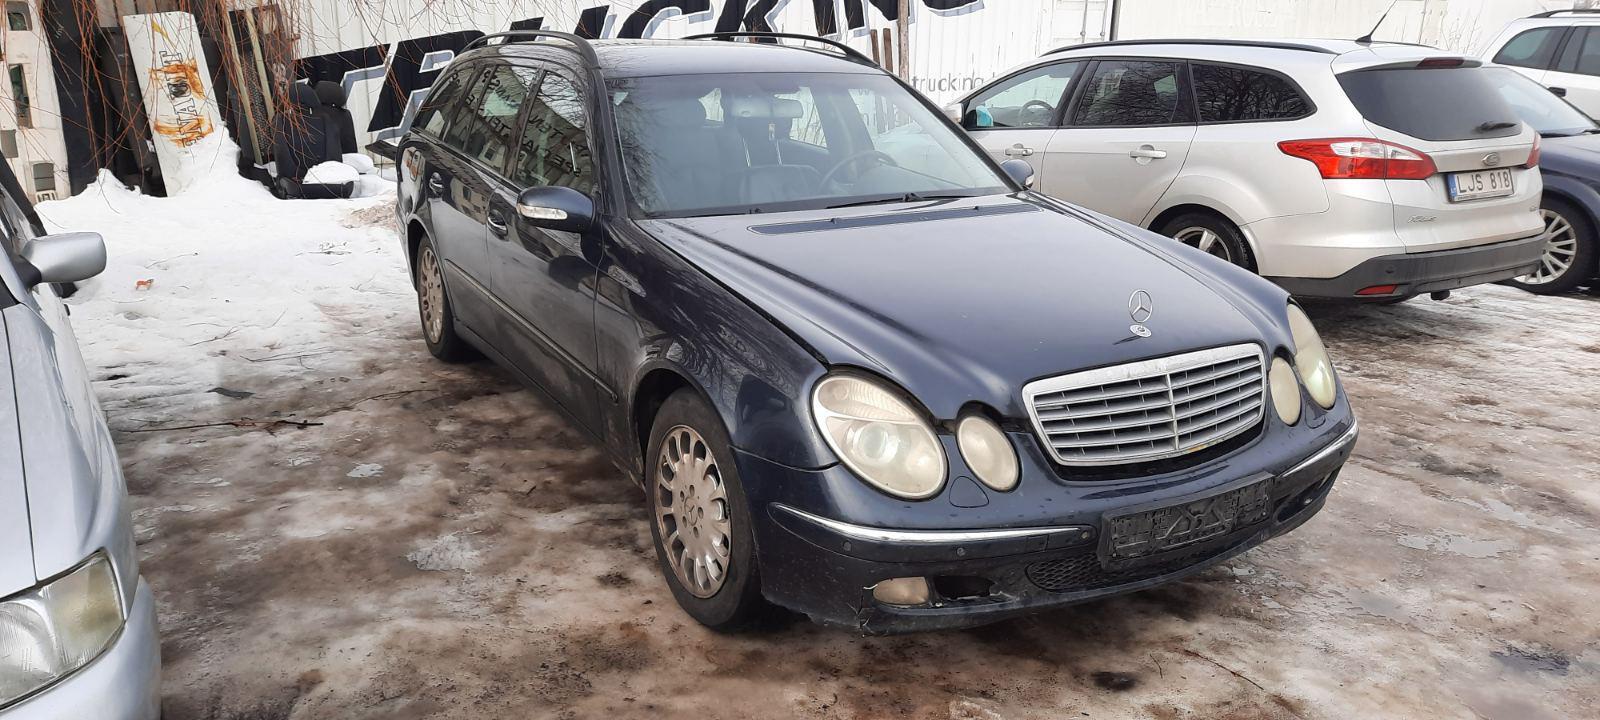 Подержанные Автозапчасти Mercedes-Benz E-CLASS 2004 2.2 машиностроение универсал 4/5 d. синий 2021-2-23